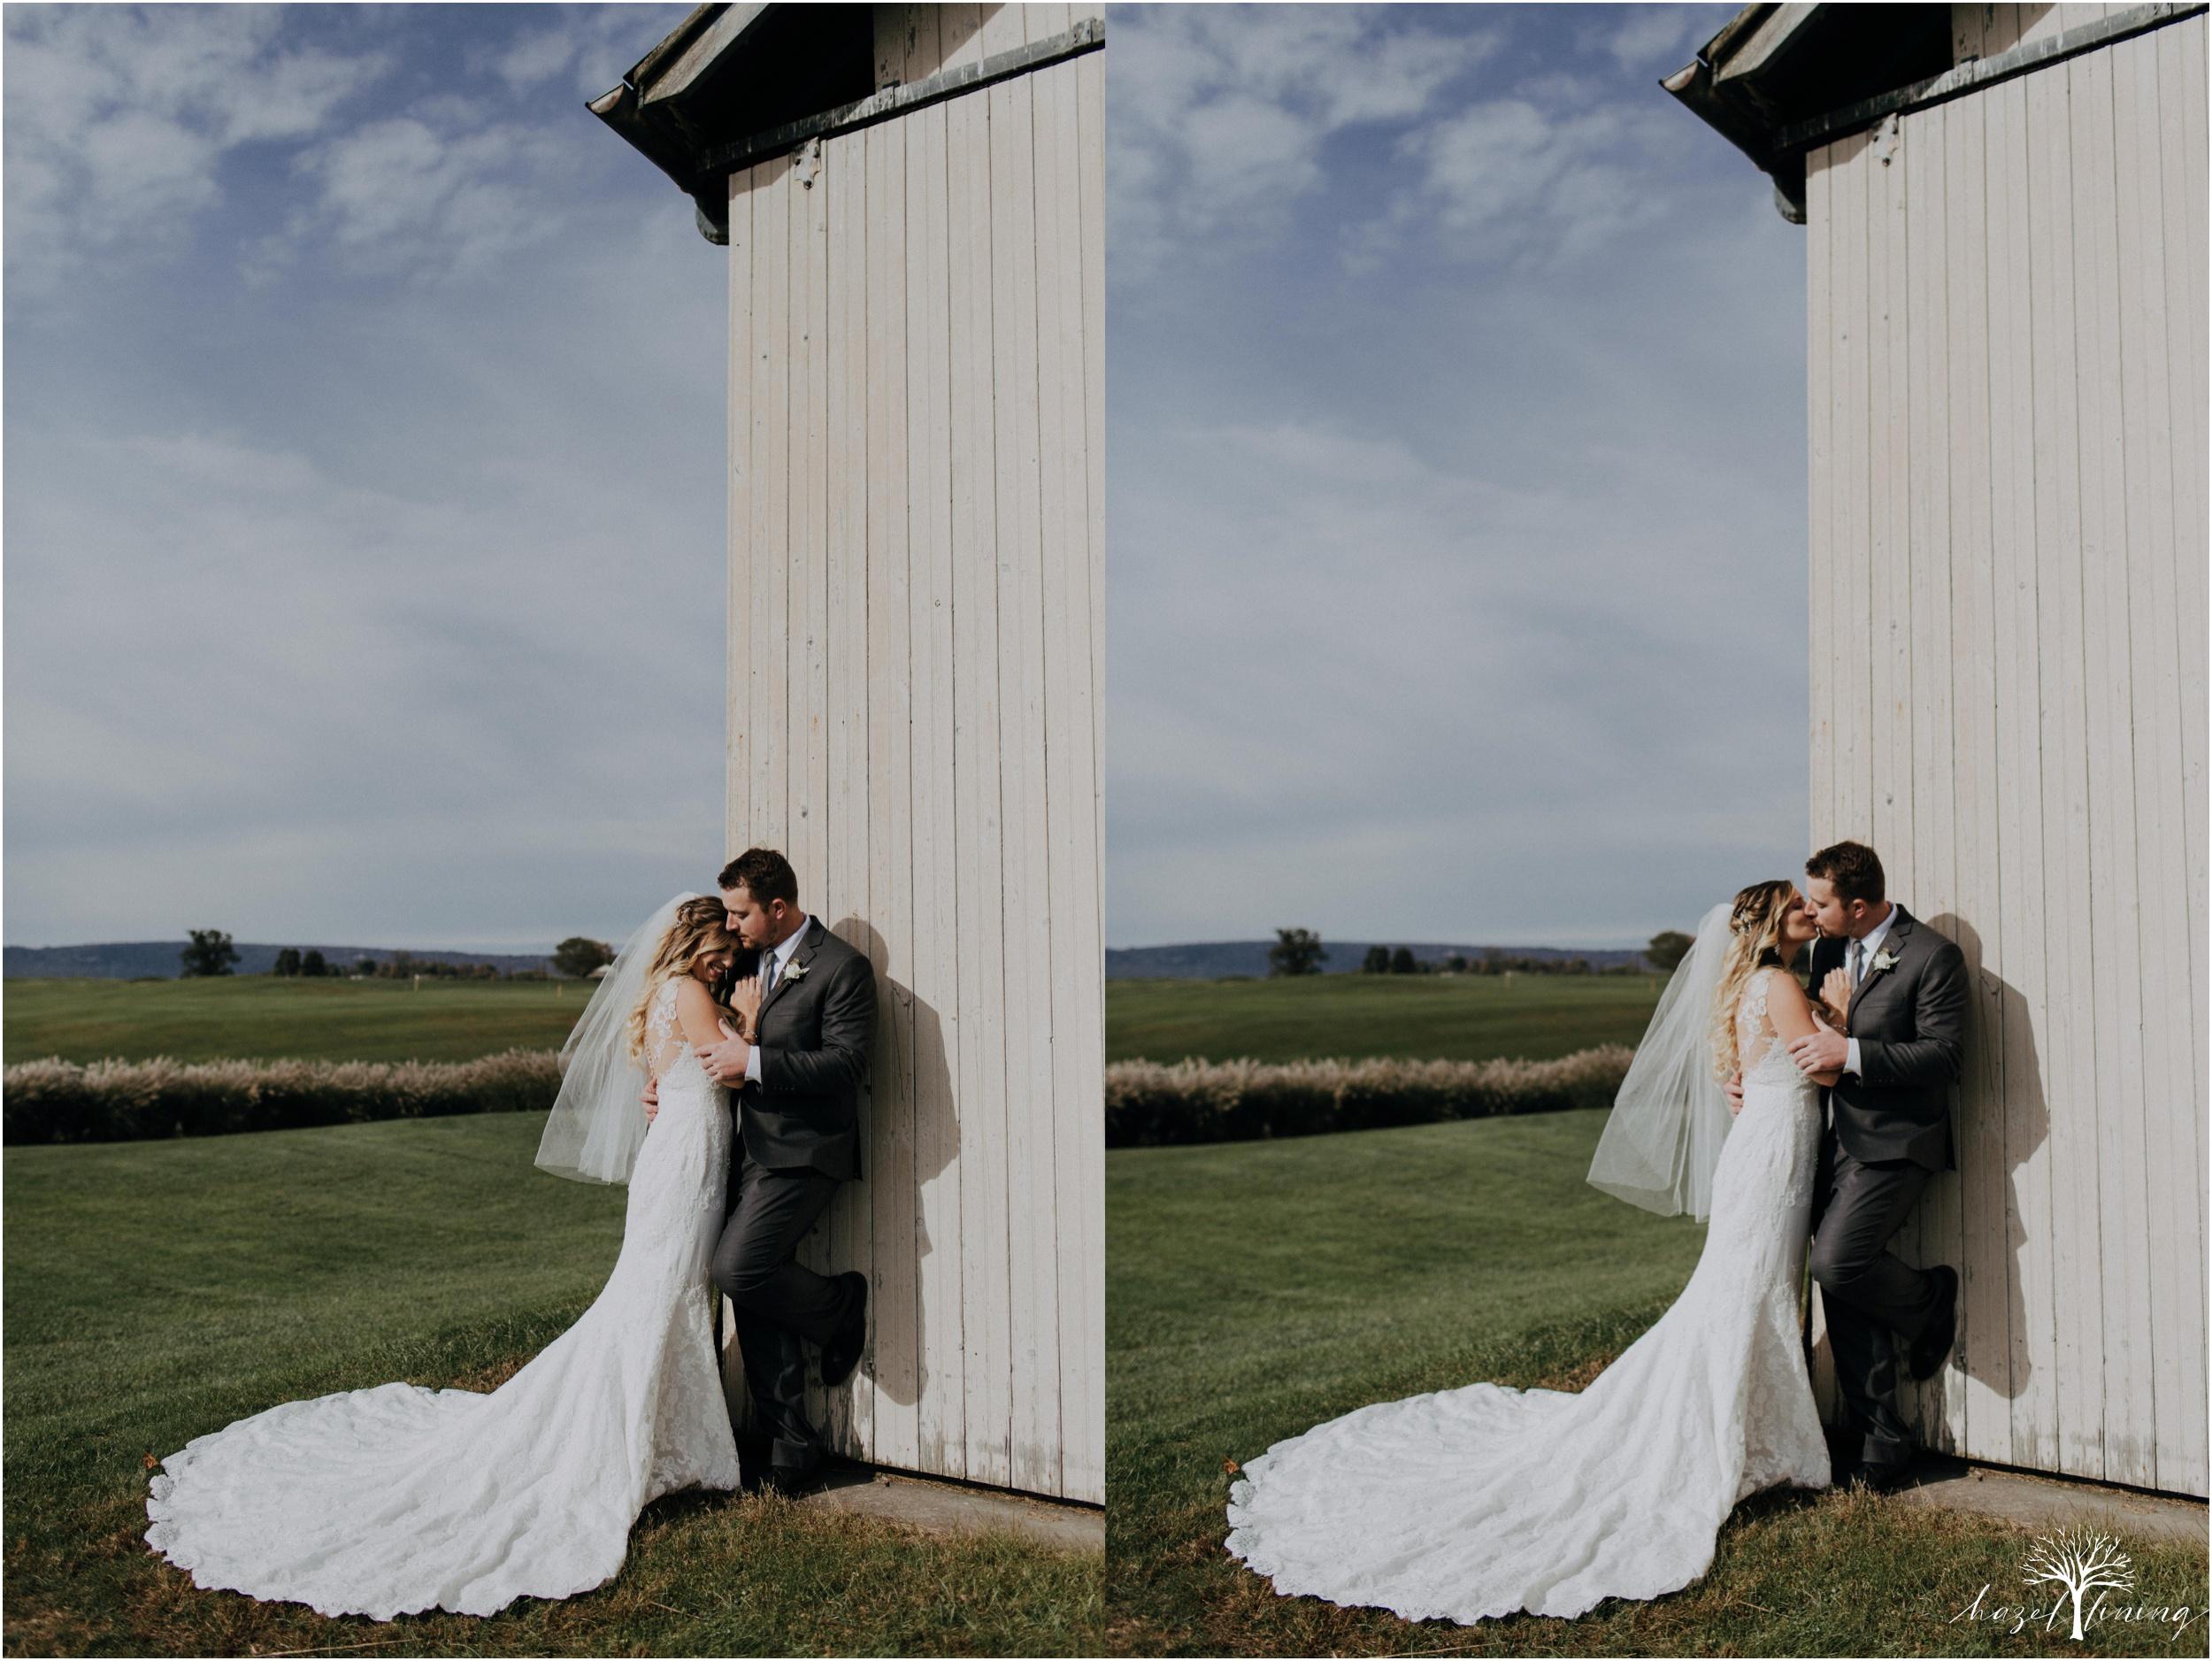 jessie-martin-zach-umlauf-olde-homestead-golfclub-outdoor-autumn-wedding_0045.jpg